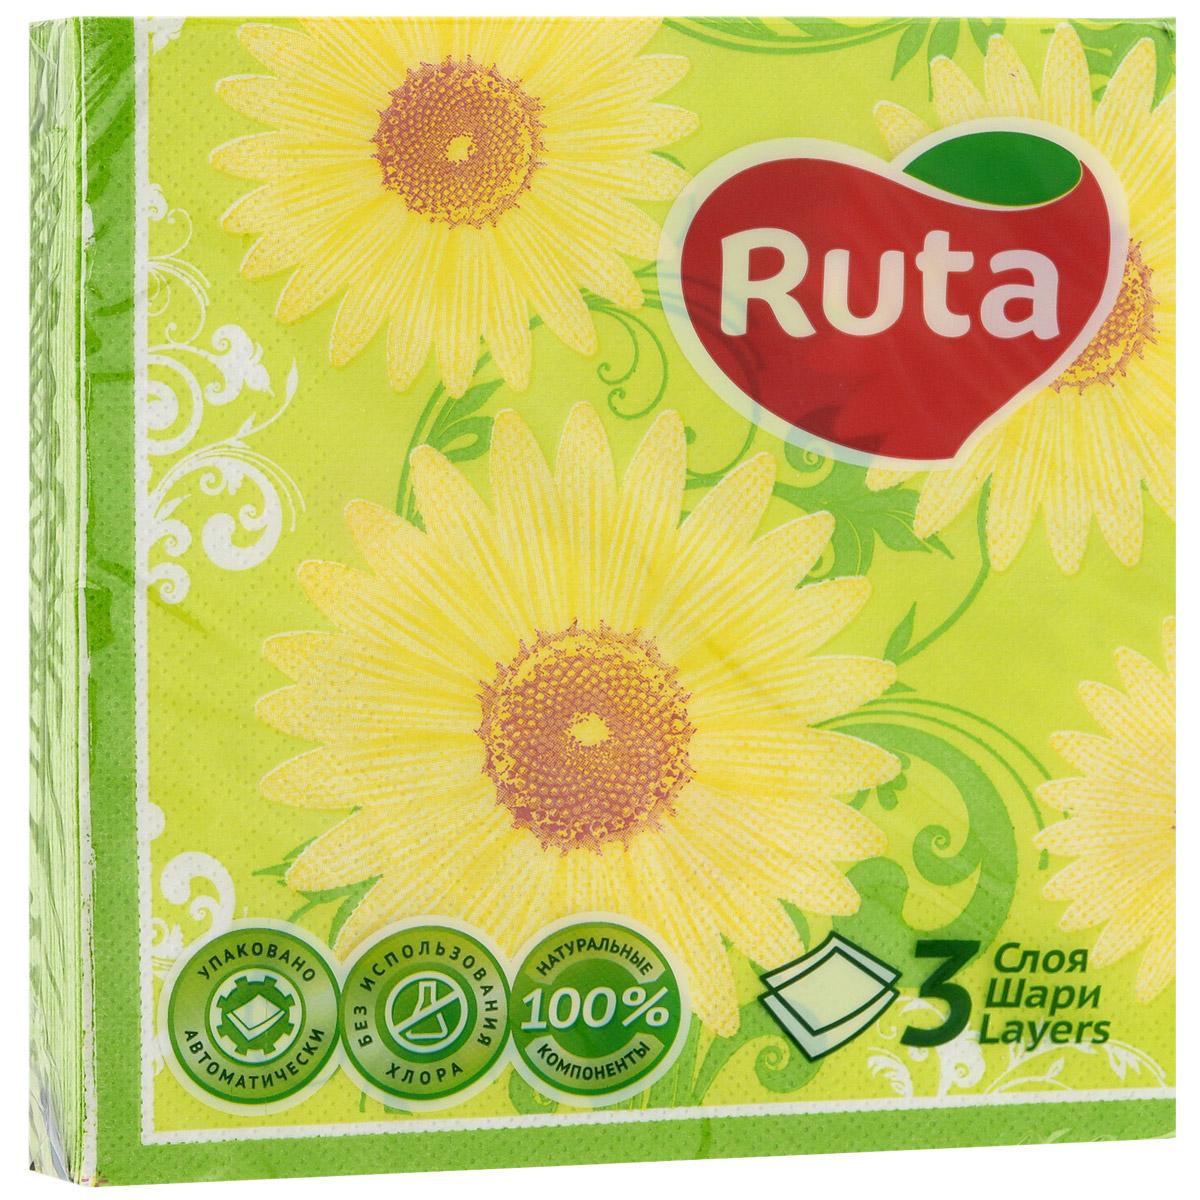 Салфетки Ruta Ромашка, трехслойные, 33 см х 33 см, 18 штMF-6W-12/230Трехслойные бумажные салфетки Ruta Ромашка с экзотическим ароматом, изготовленные из экологически чистого, высококачественного сырья - 100% целлюлозы, станут отличным дополнением праздничного стола. Они отличаются необыкновенной мягкостью и прочностью. Яркий дизайн салфеток с цветочным принтом придется вам по душе и подарит положительные эмоции.Количество слоев: 3.Размер салфетки: 33 см х 33 см. Товар сертифицирован.